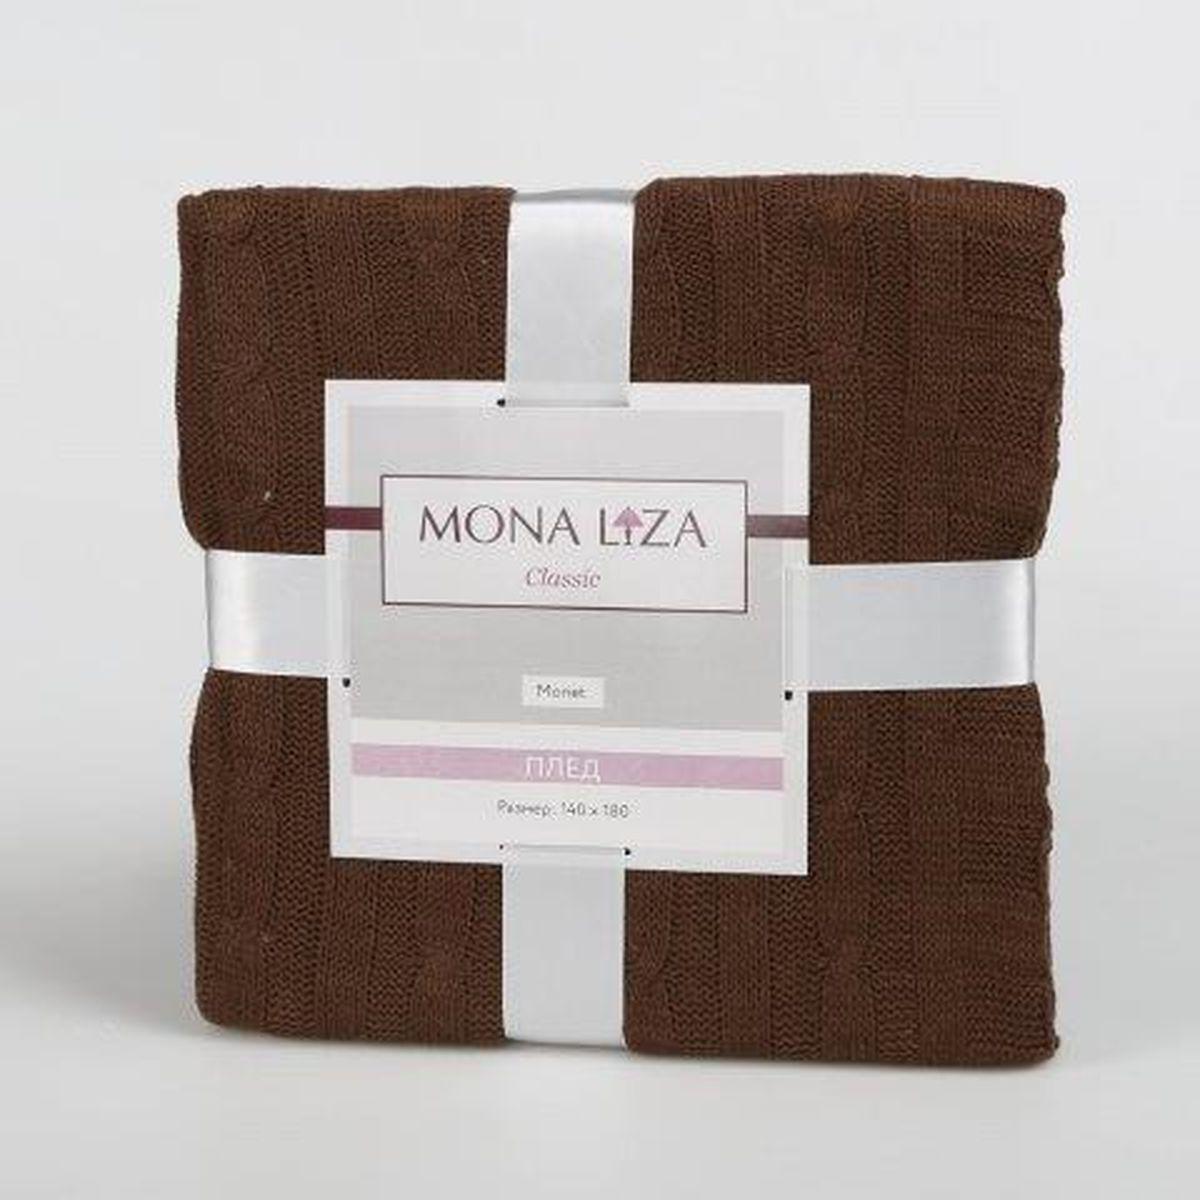 Плед Mona Liza Classic Monet, цвет: шоколадный, 140 х 180 см520403/9Оригинальный вязаный плед Mona Liza Classic Monet послужит теплым, мягким и практичным подарком близким людям. Плед изготовлен из высококачественного 100% акрила.Яркий и приятный на ощупь плед Mona Liza Classic Monet станет отличным дополнением в вашем интерьере.